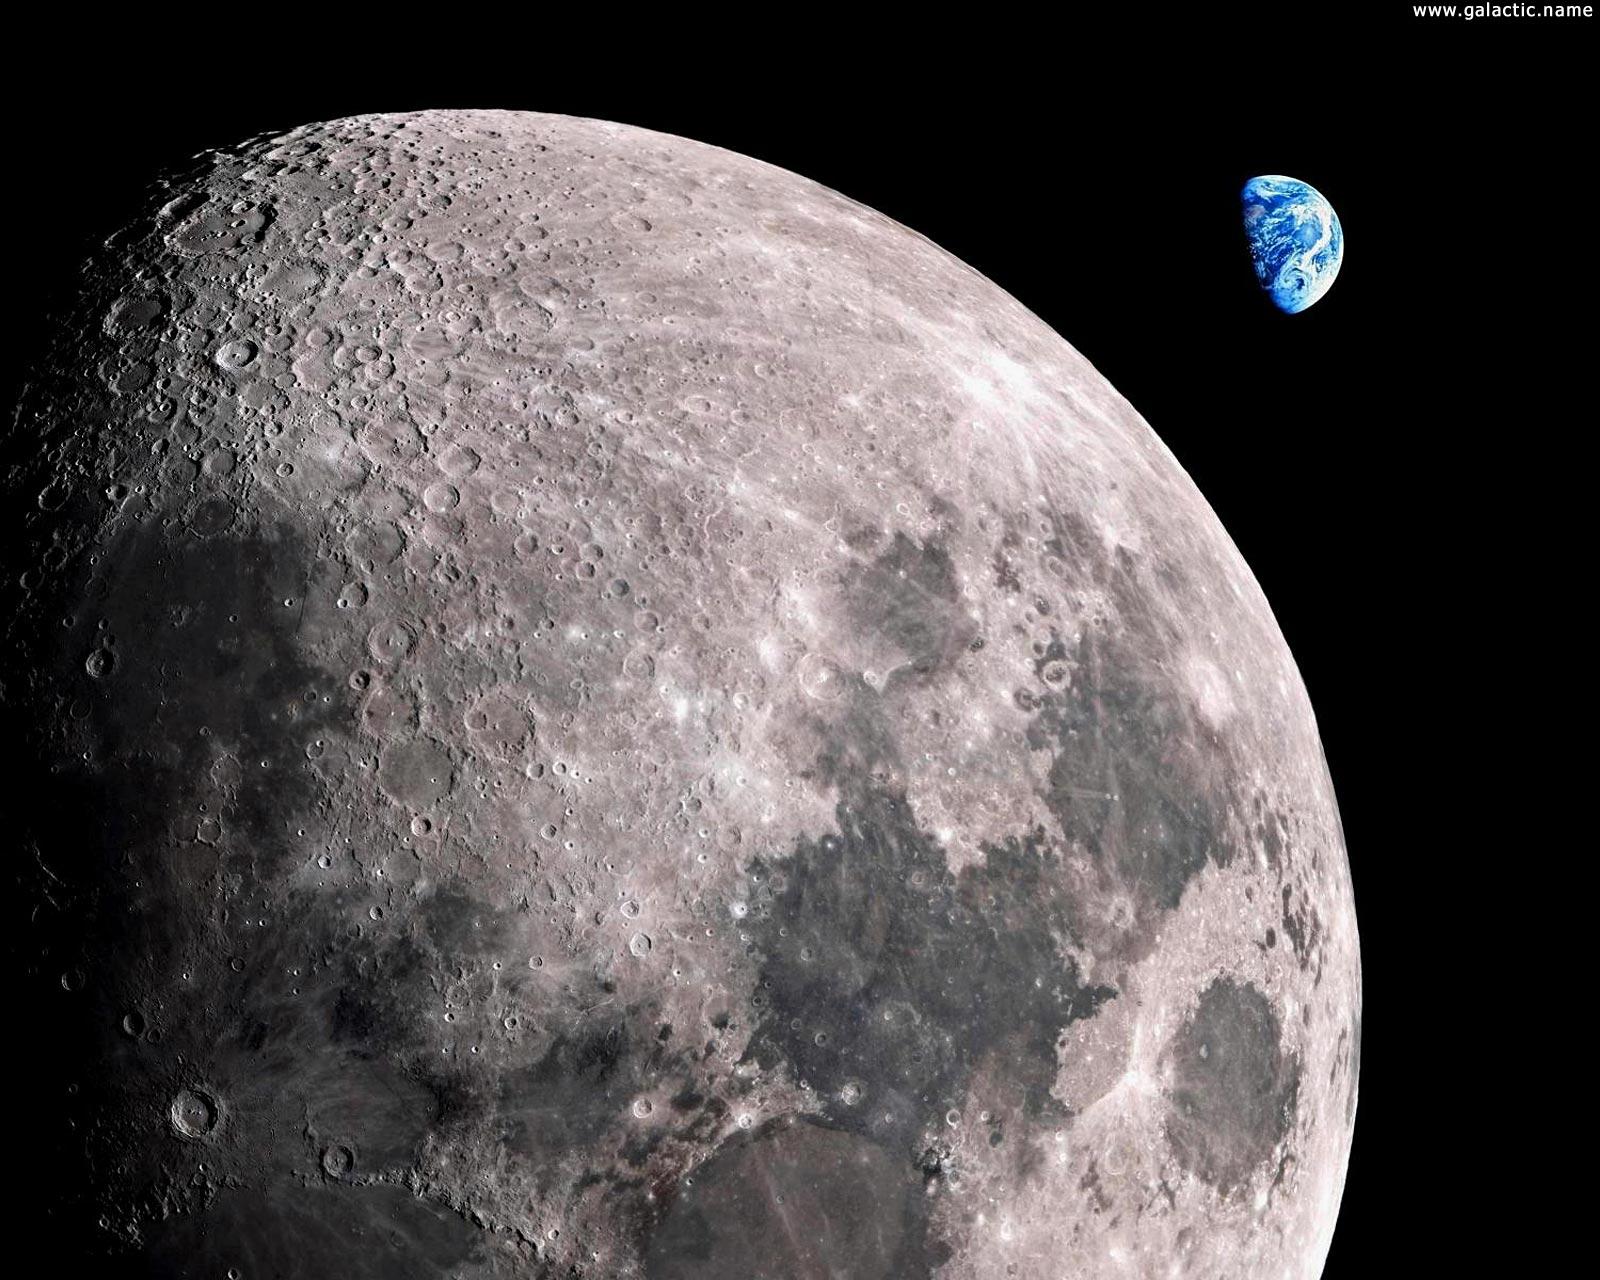 Moon_1600.jpg